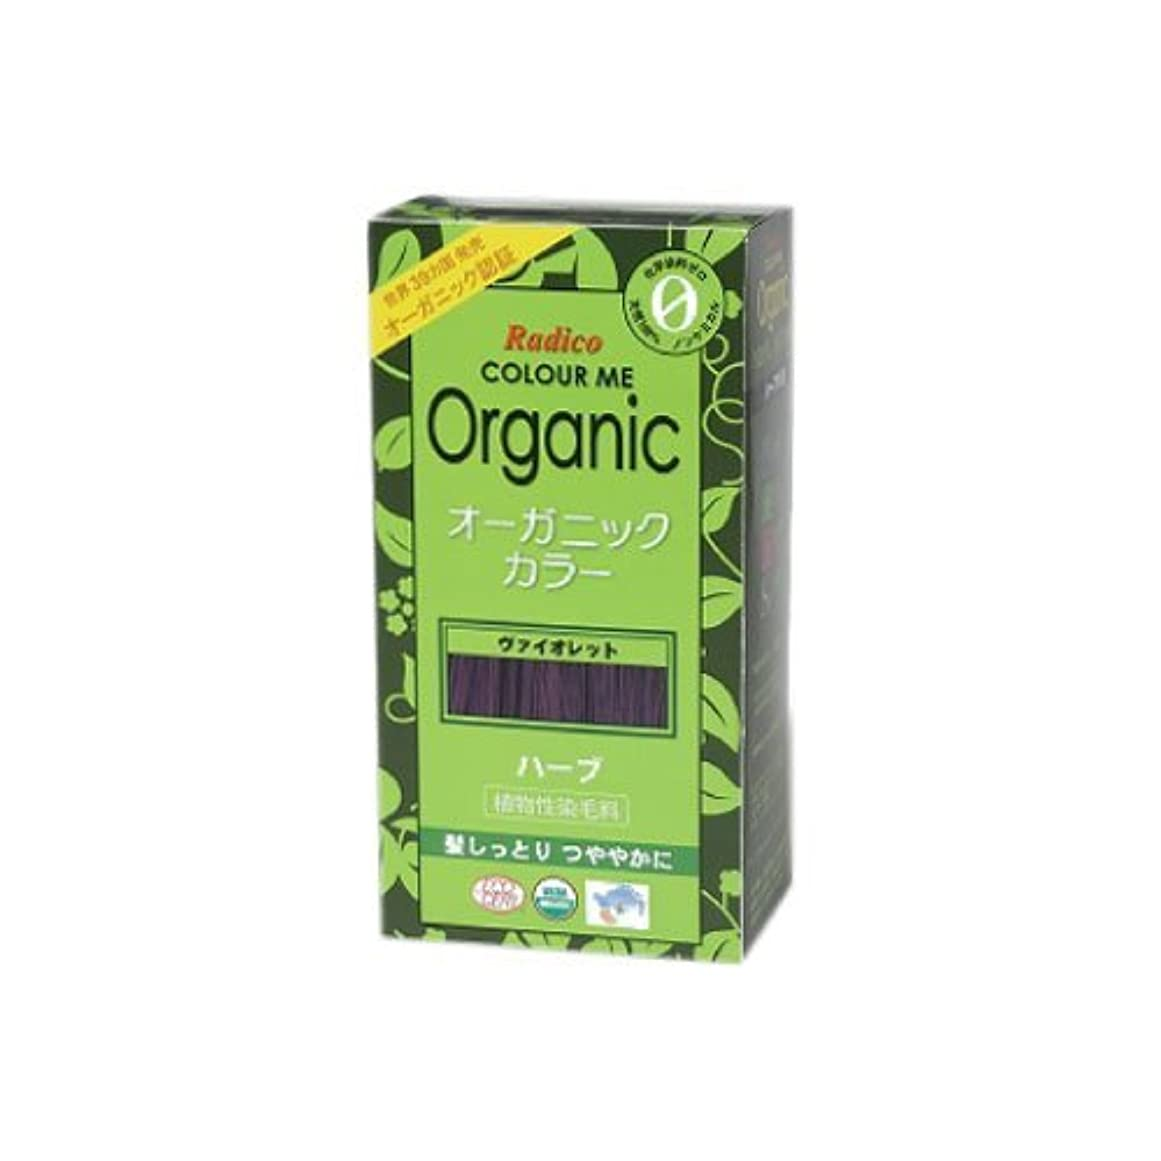 ぜいたく一般的に乏しいCOLOURME Organic (カラーミーオーガニック ヘナ 白髪用 紫色) ヴァイオレット 100g